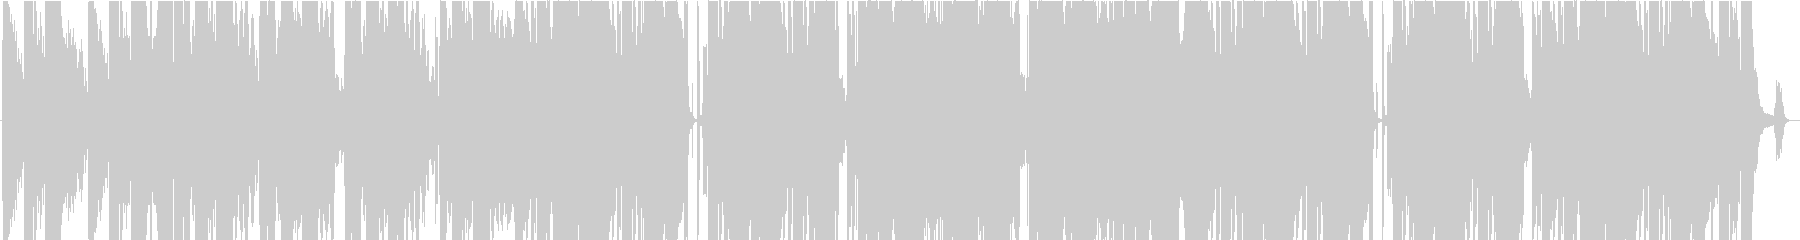 重厚なピアノのバラードの未再生の波形